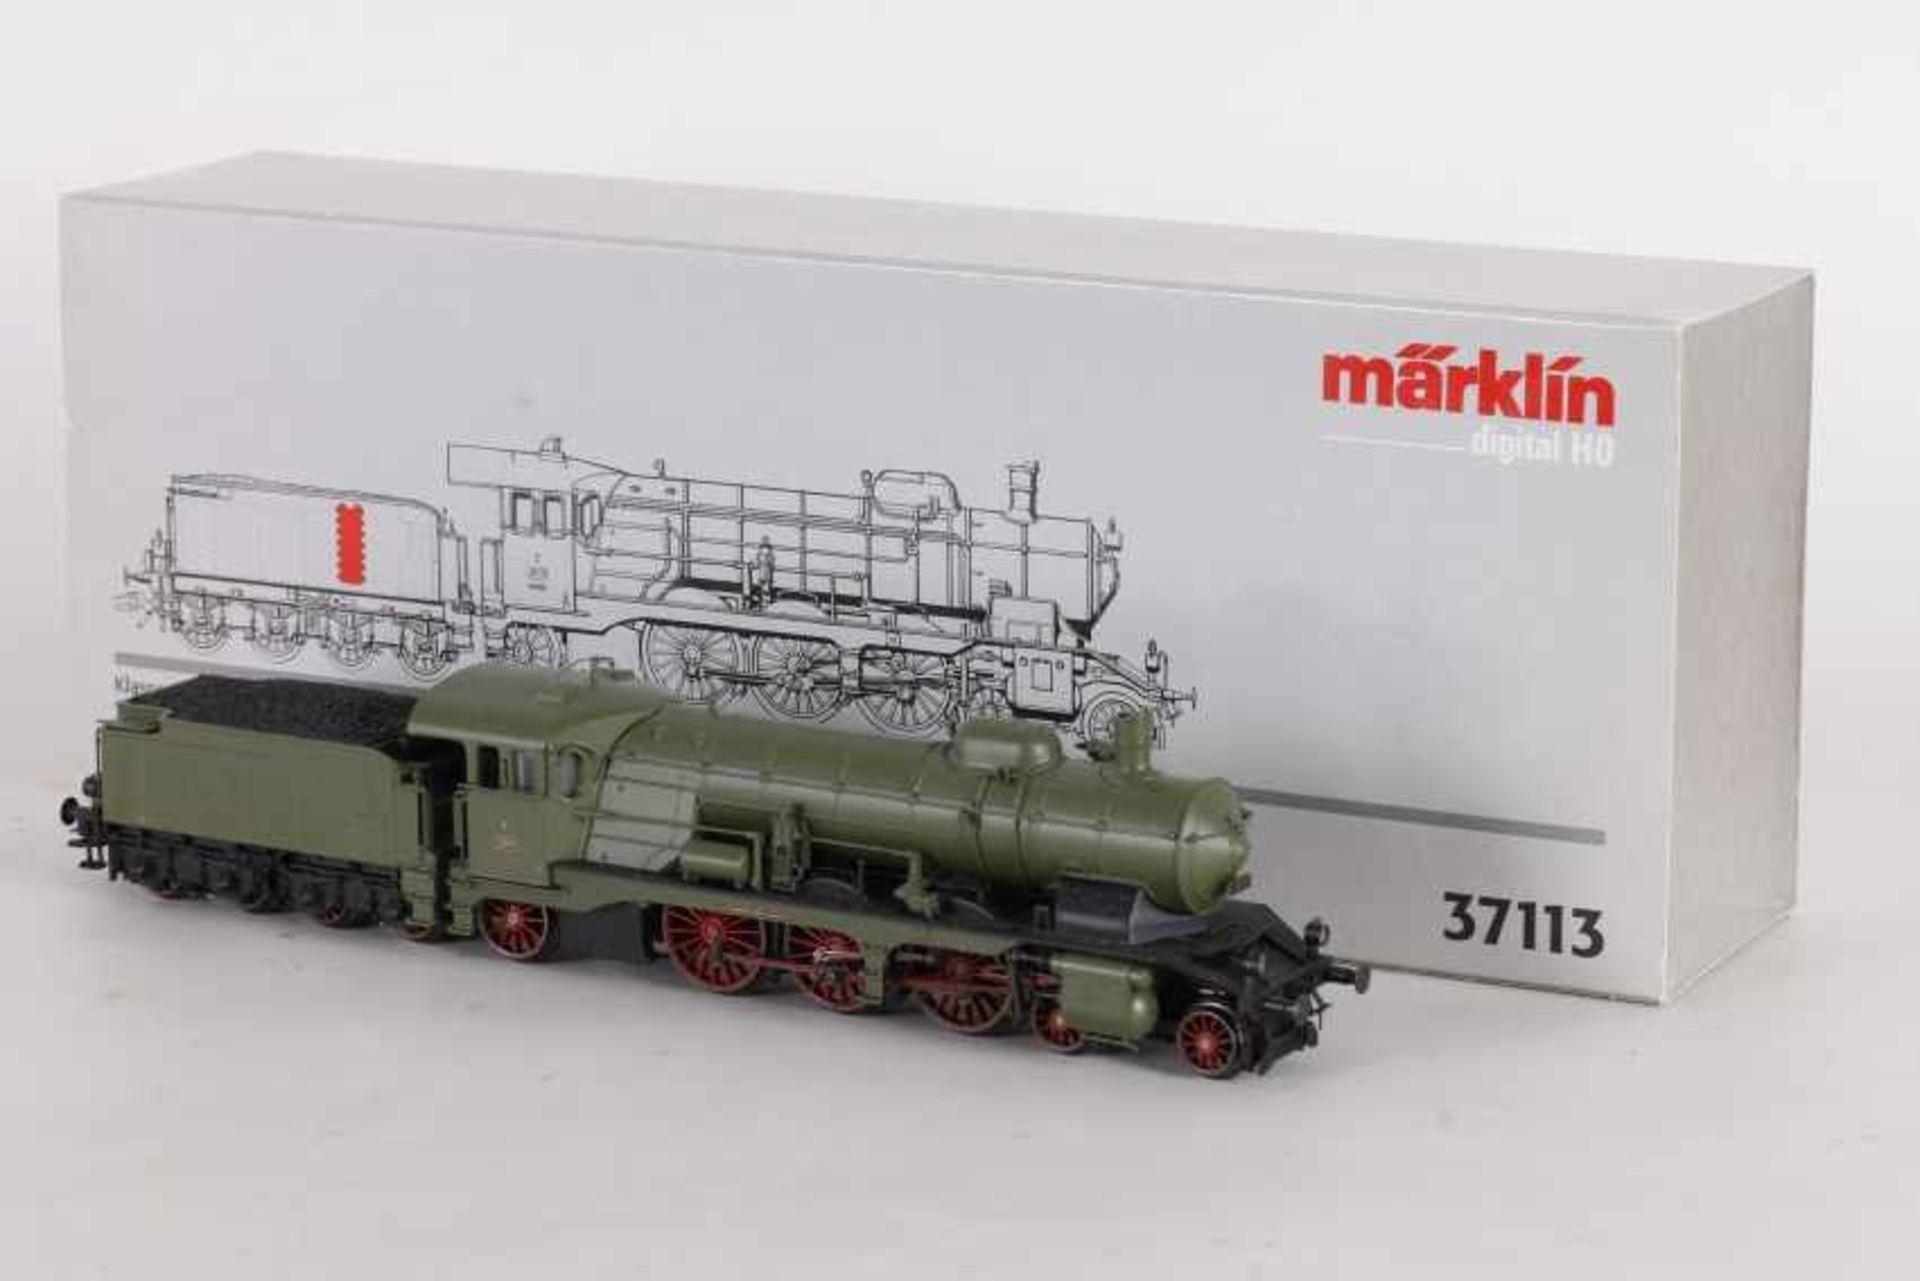 """Los 1052 - Märklin 37113, württ. Dampflok Klasse C """"2010""""fMärklin 37113, württ. Dampflok Klasse C """"2010"""","""